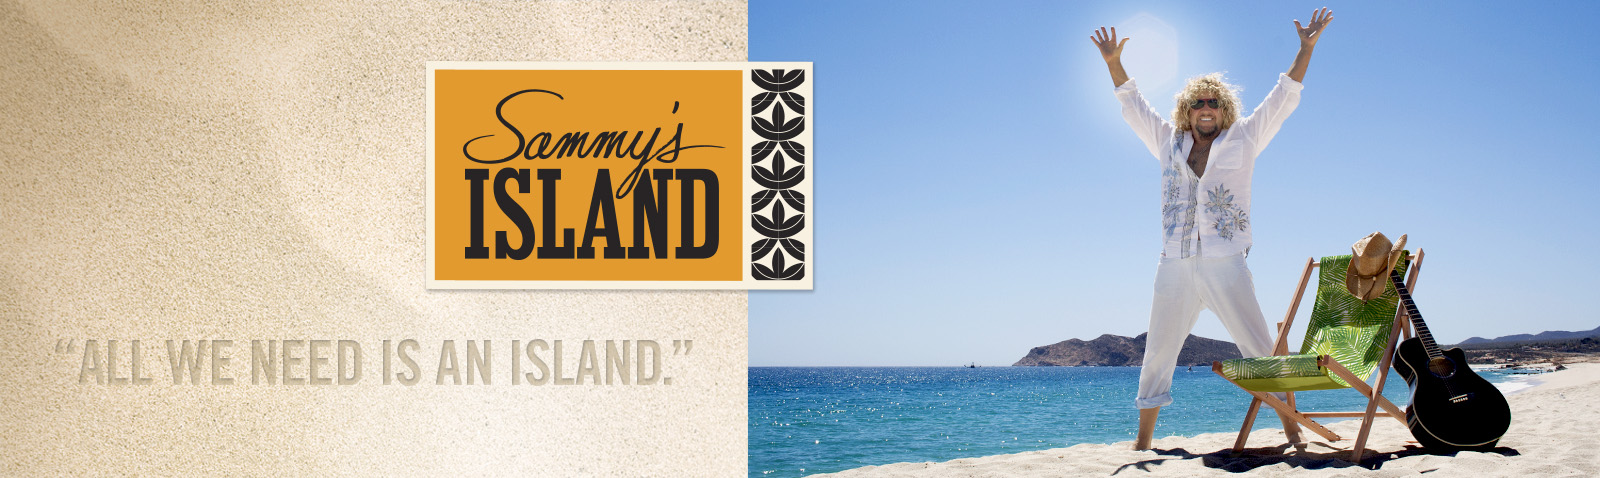 Sammys island banner